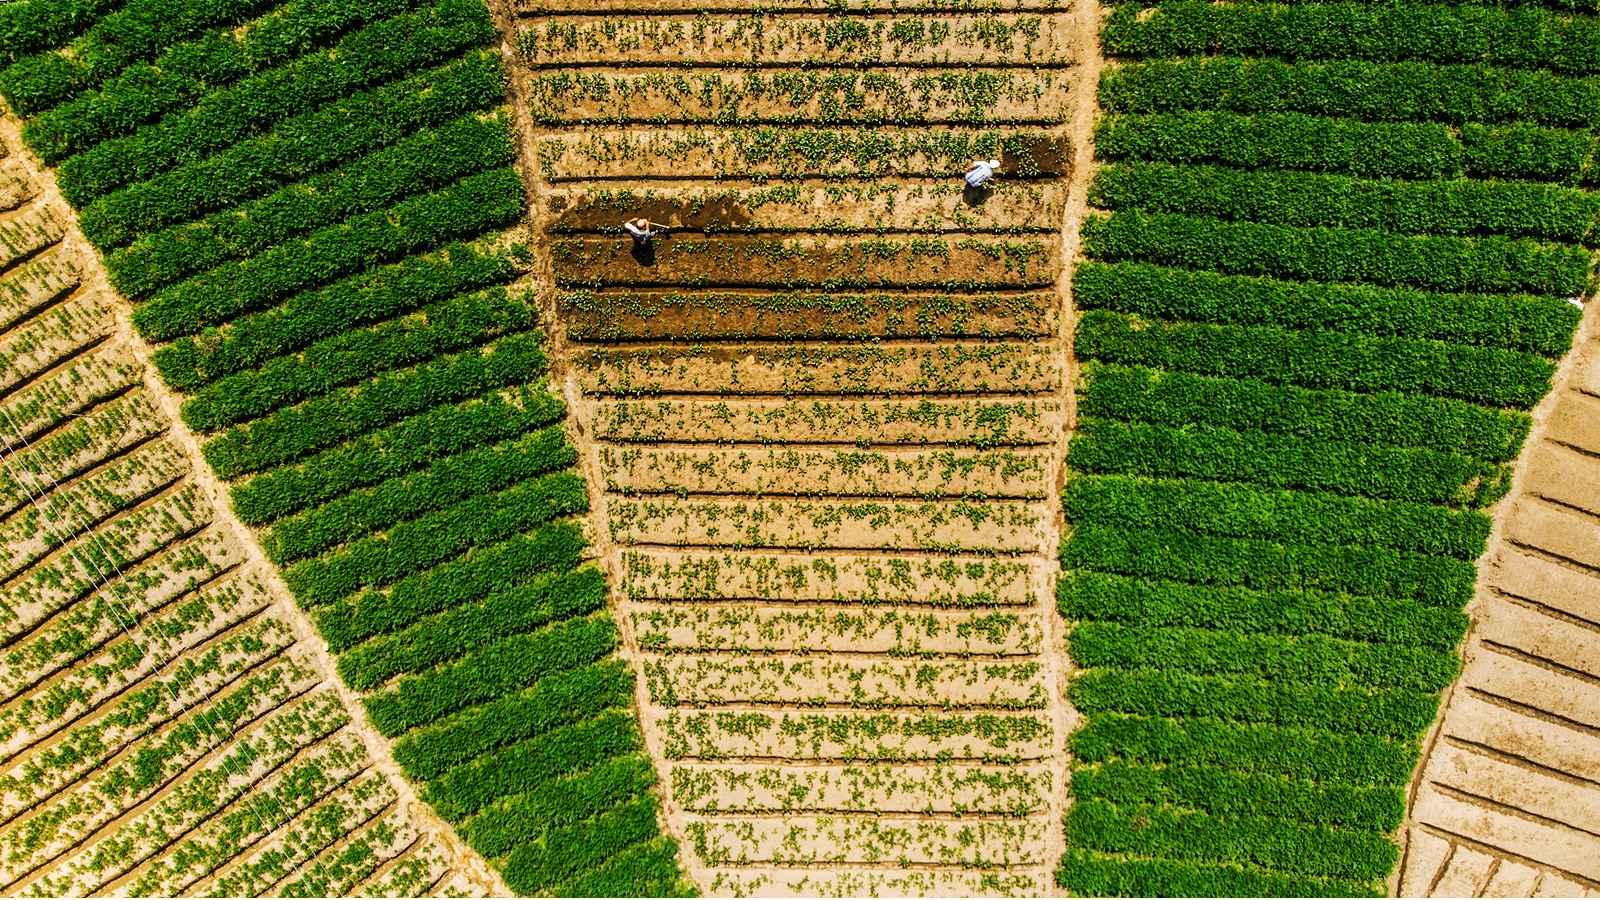 zoom/colombia/fotorreportaje--antioquia-rural-de-coleccion